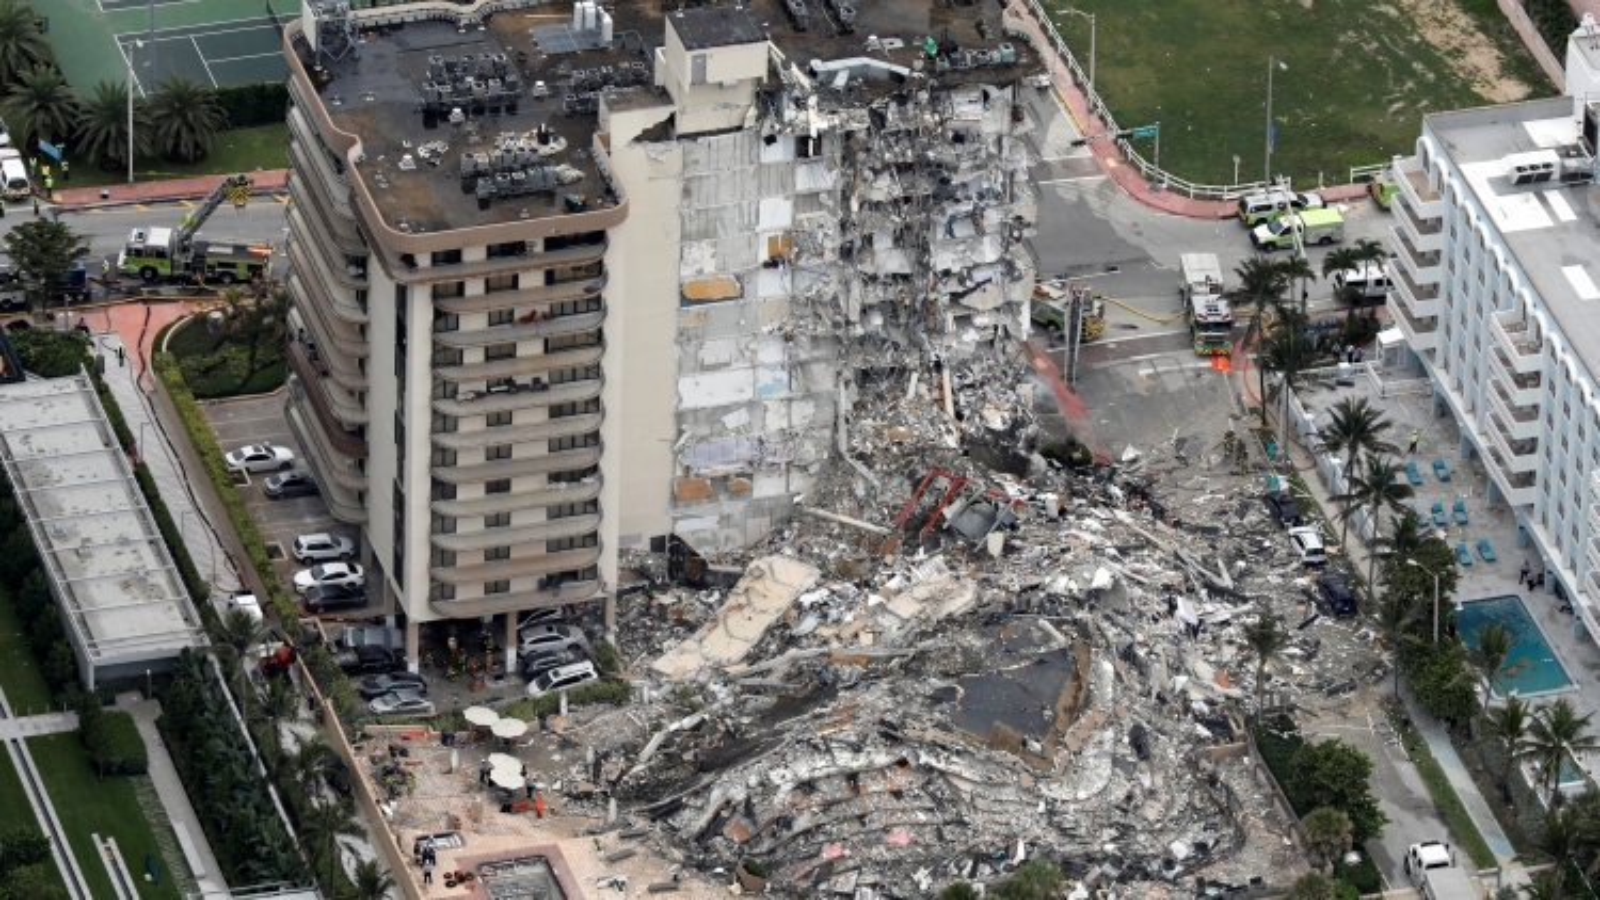 Vụ sập chung cư 12 tầng tại Mỹ: Lực lượng cứu hộ chạy đua với cơn bão sắp đổ bộ